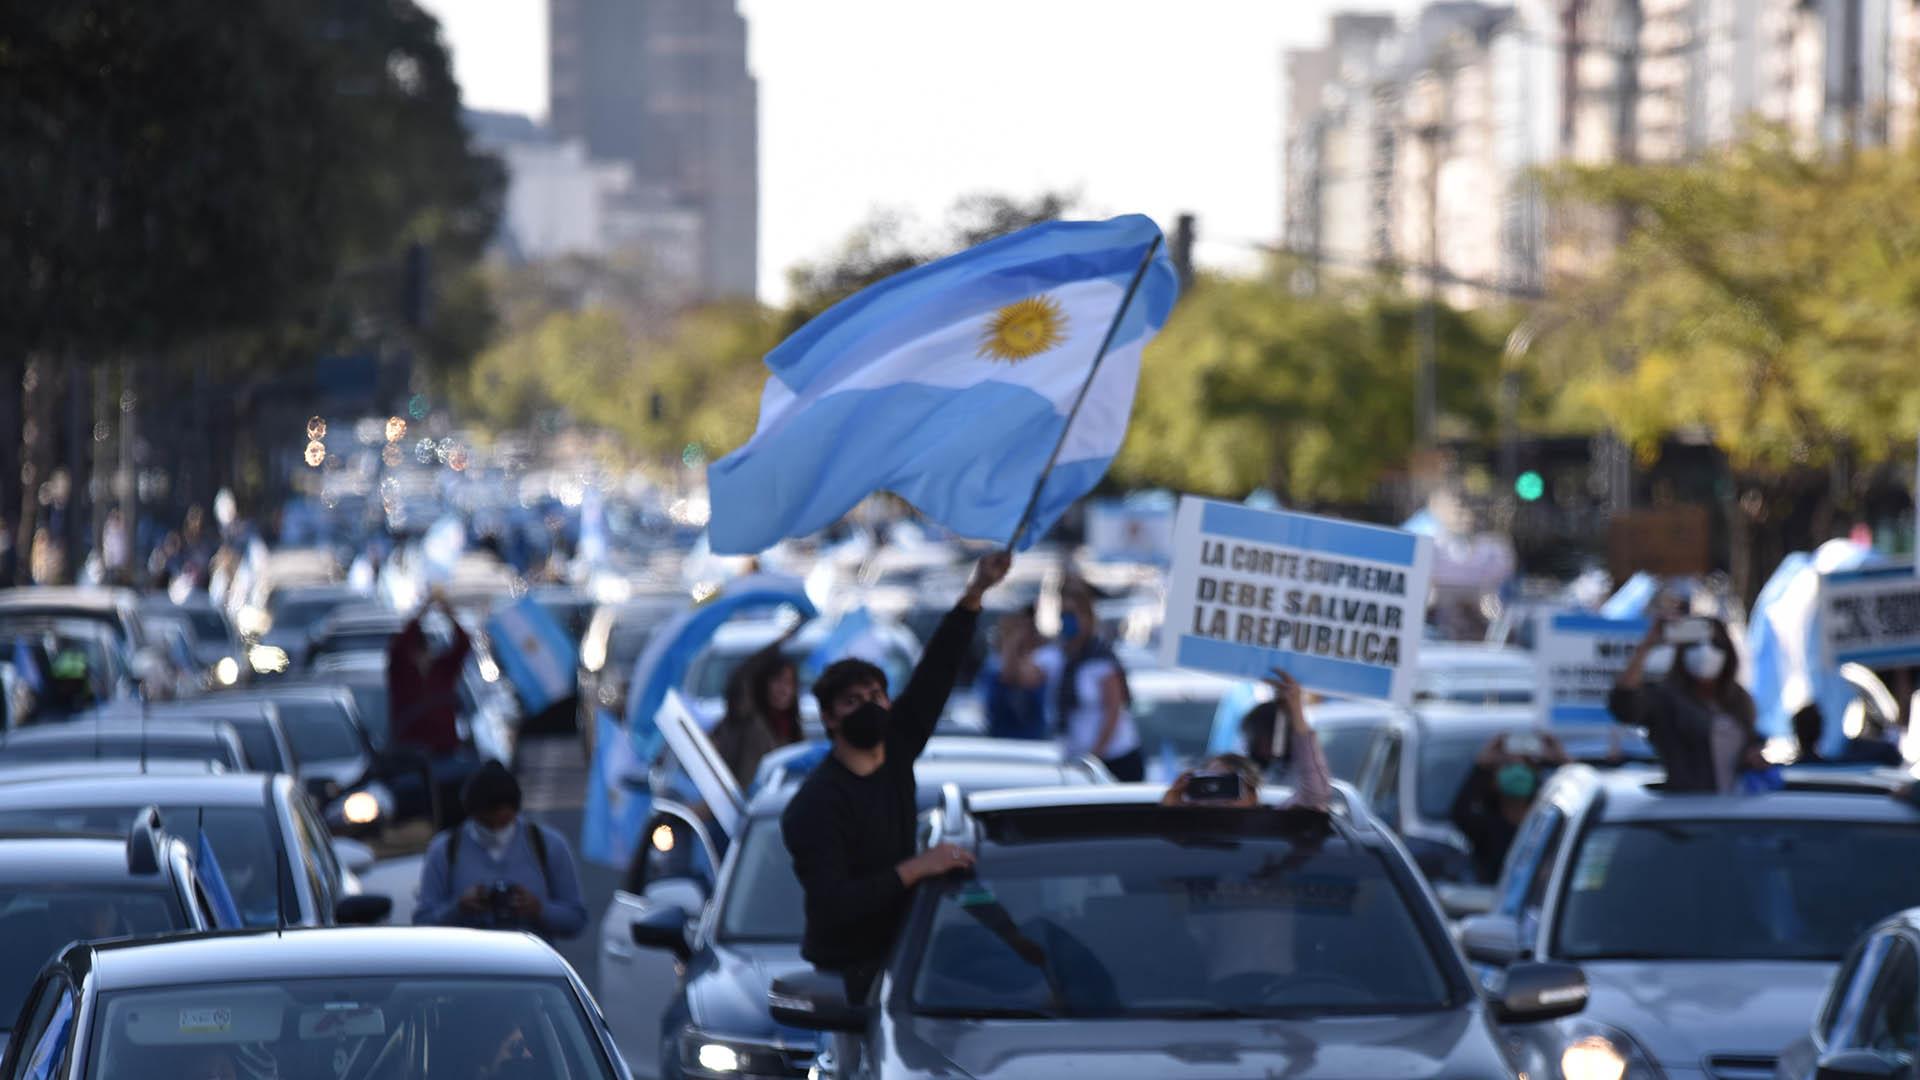 """Con banderas y desde los autos, los manifestantes reclamaron """"la defensa de las instituciones fundamentales de la democracia republicana"""